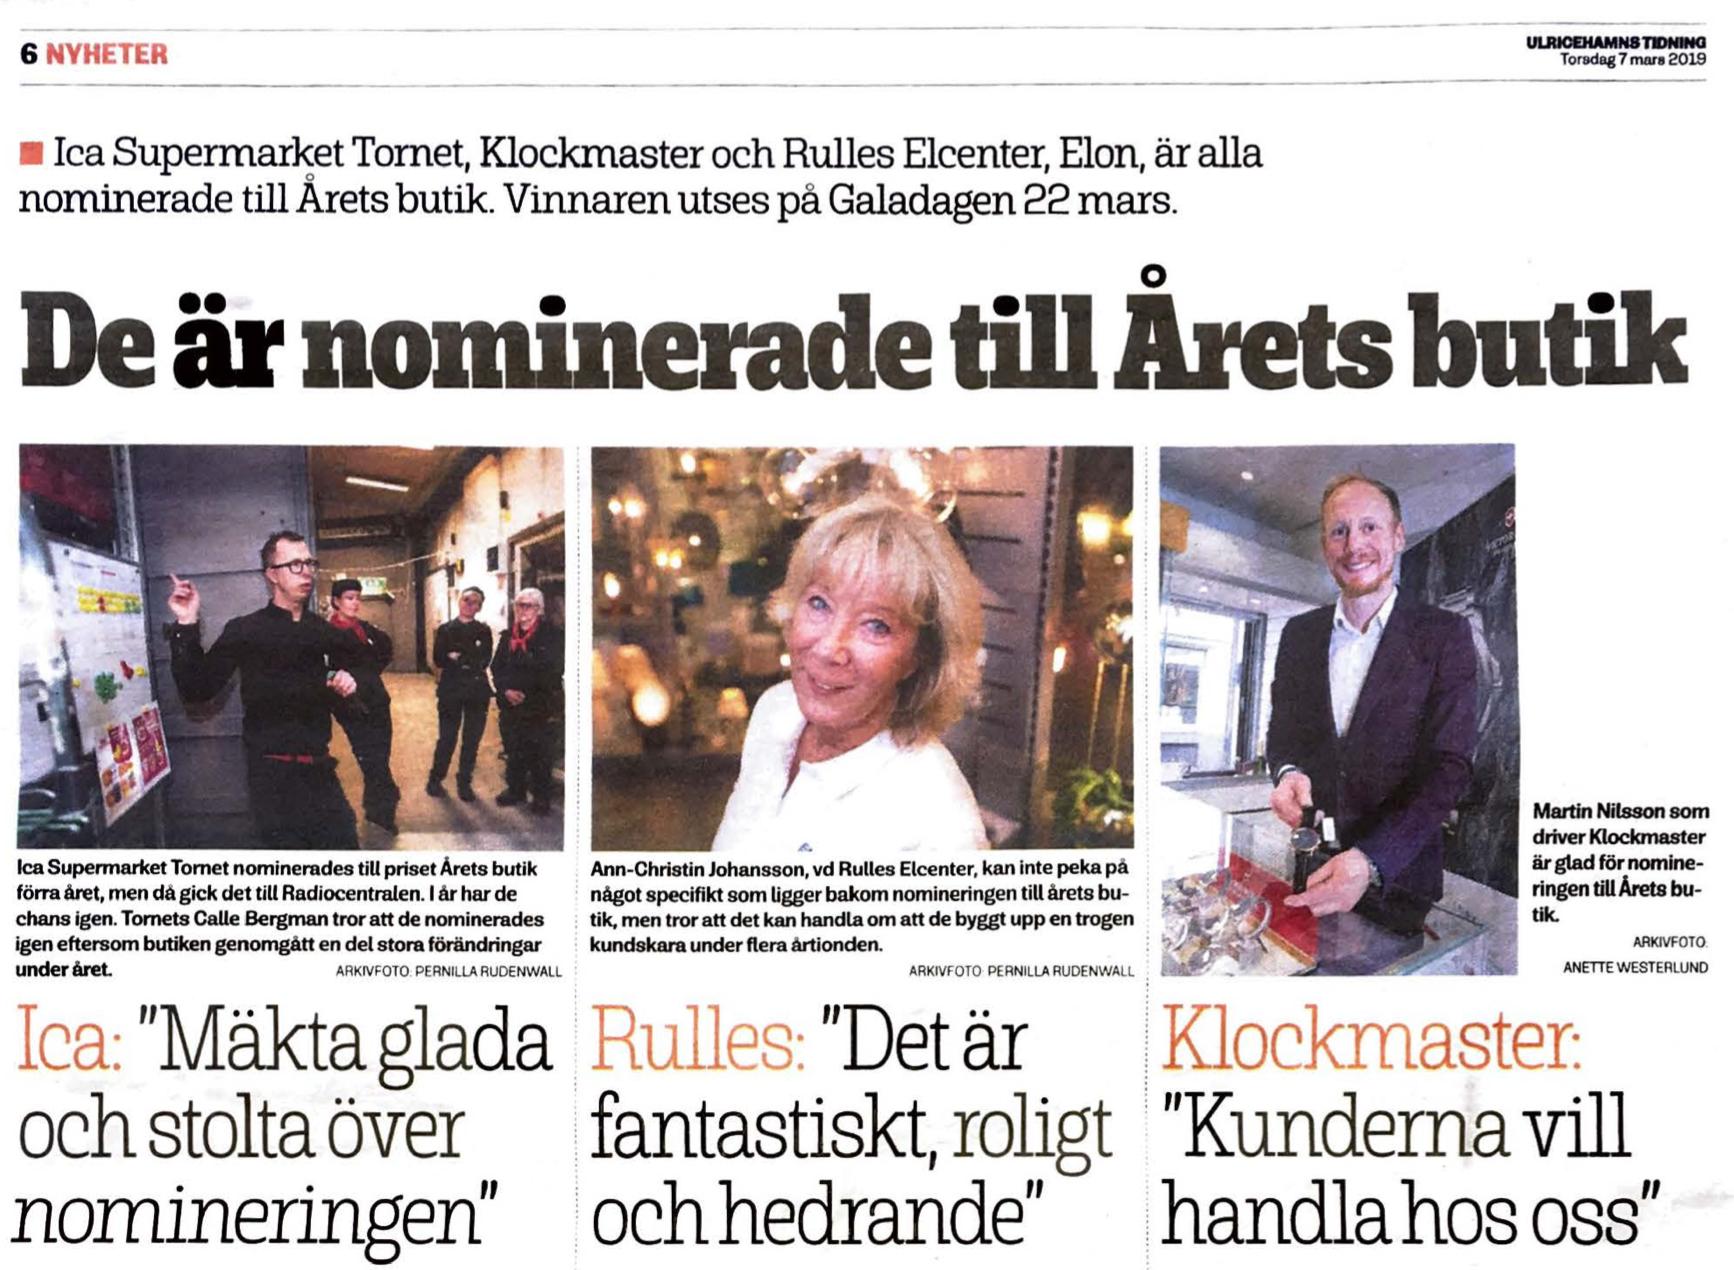 Läs om de nominerade på ut.se (klicka här)